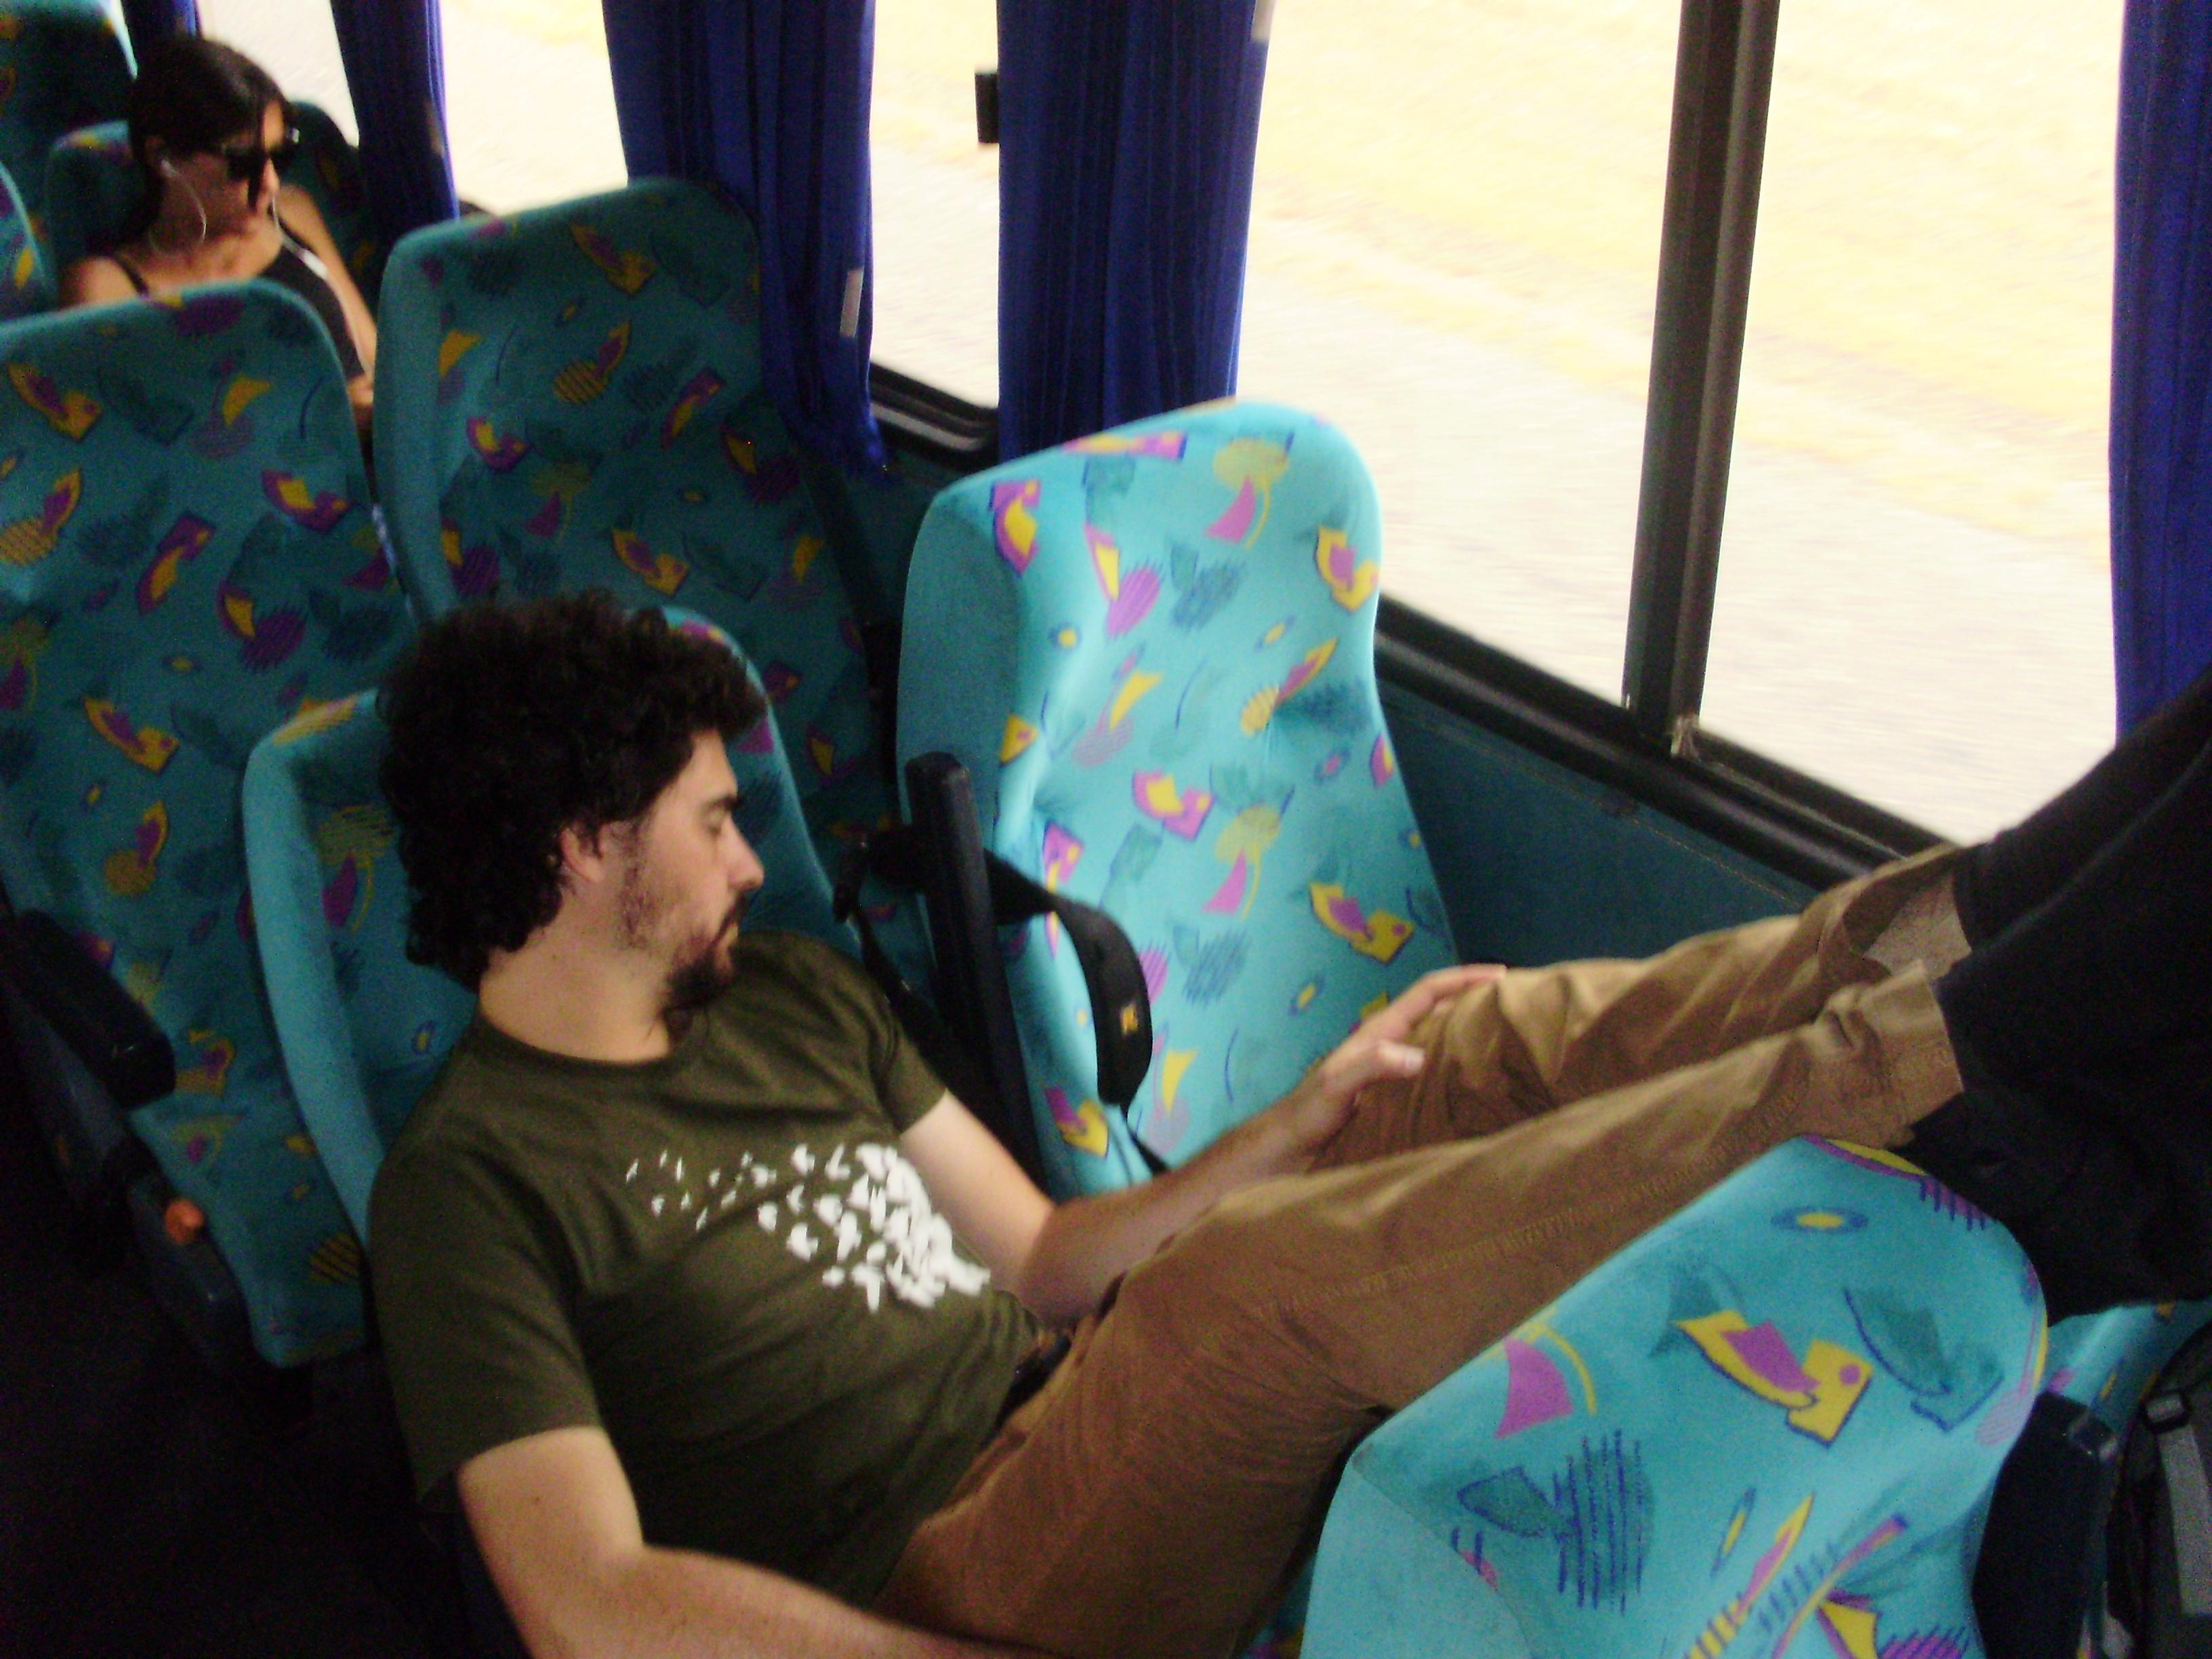 le confort des bus argentins